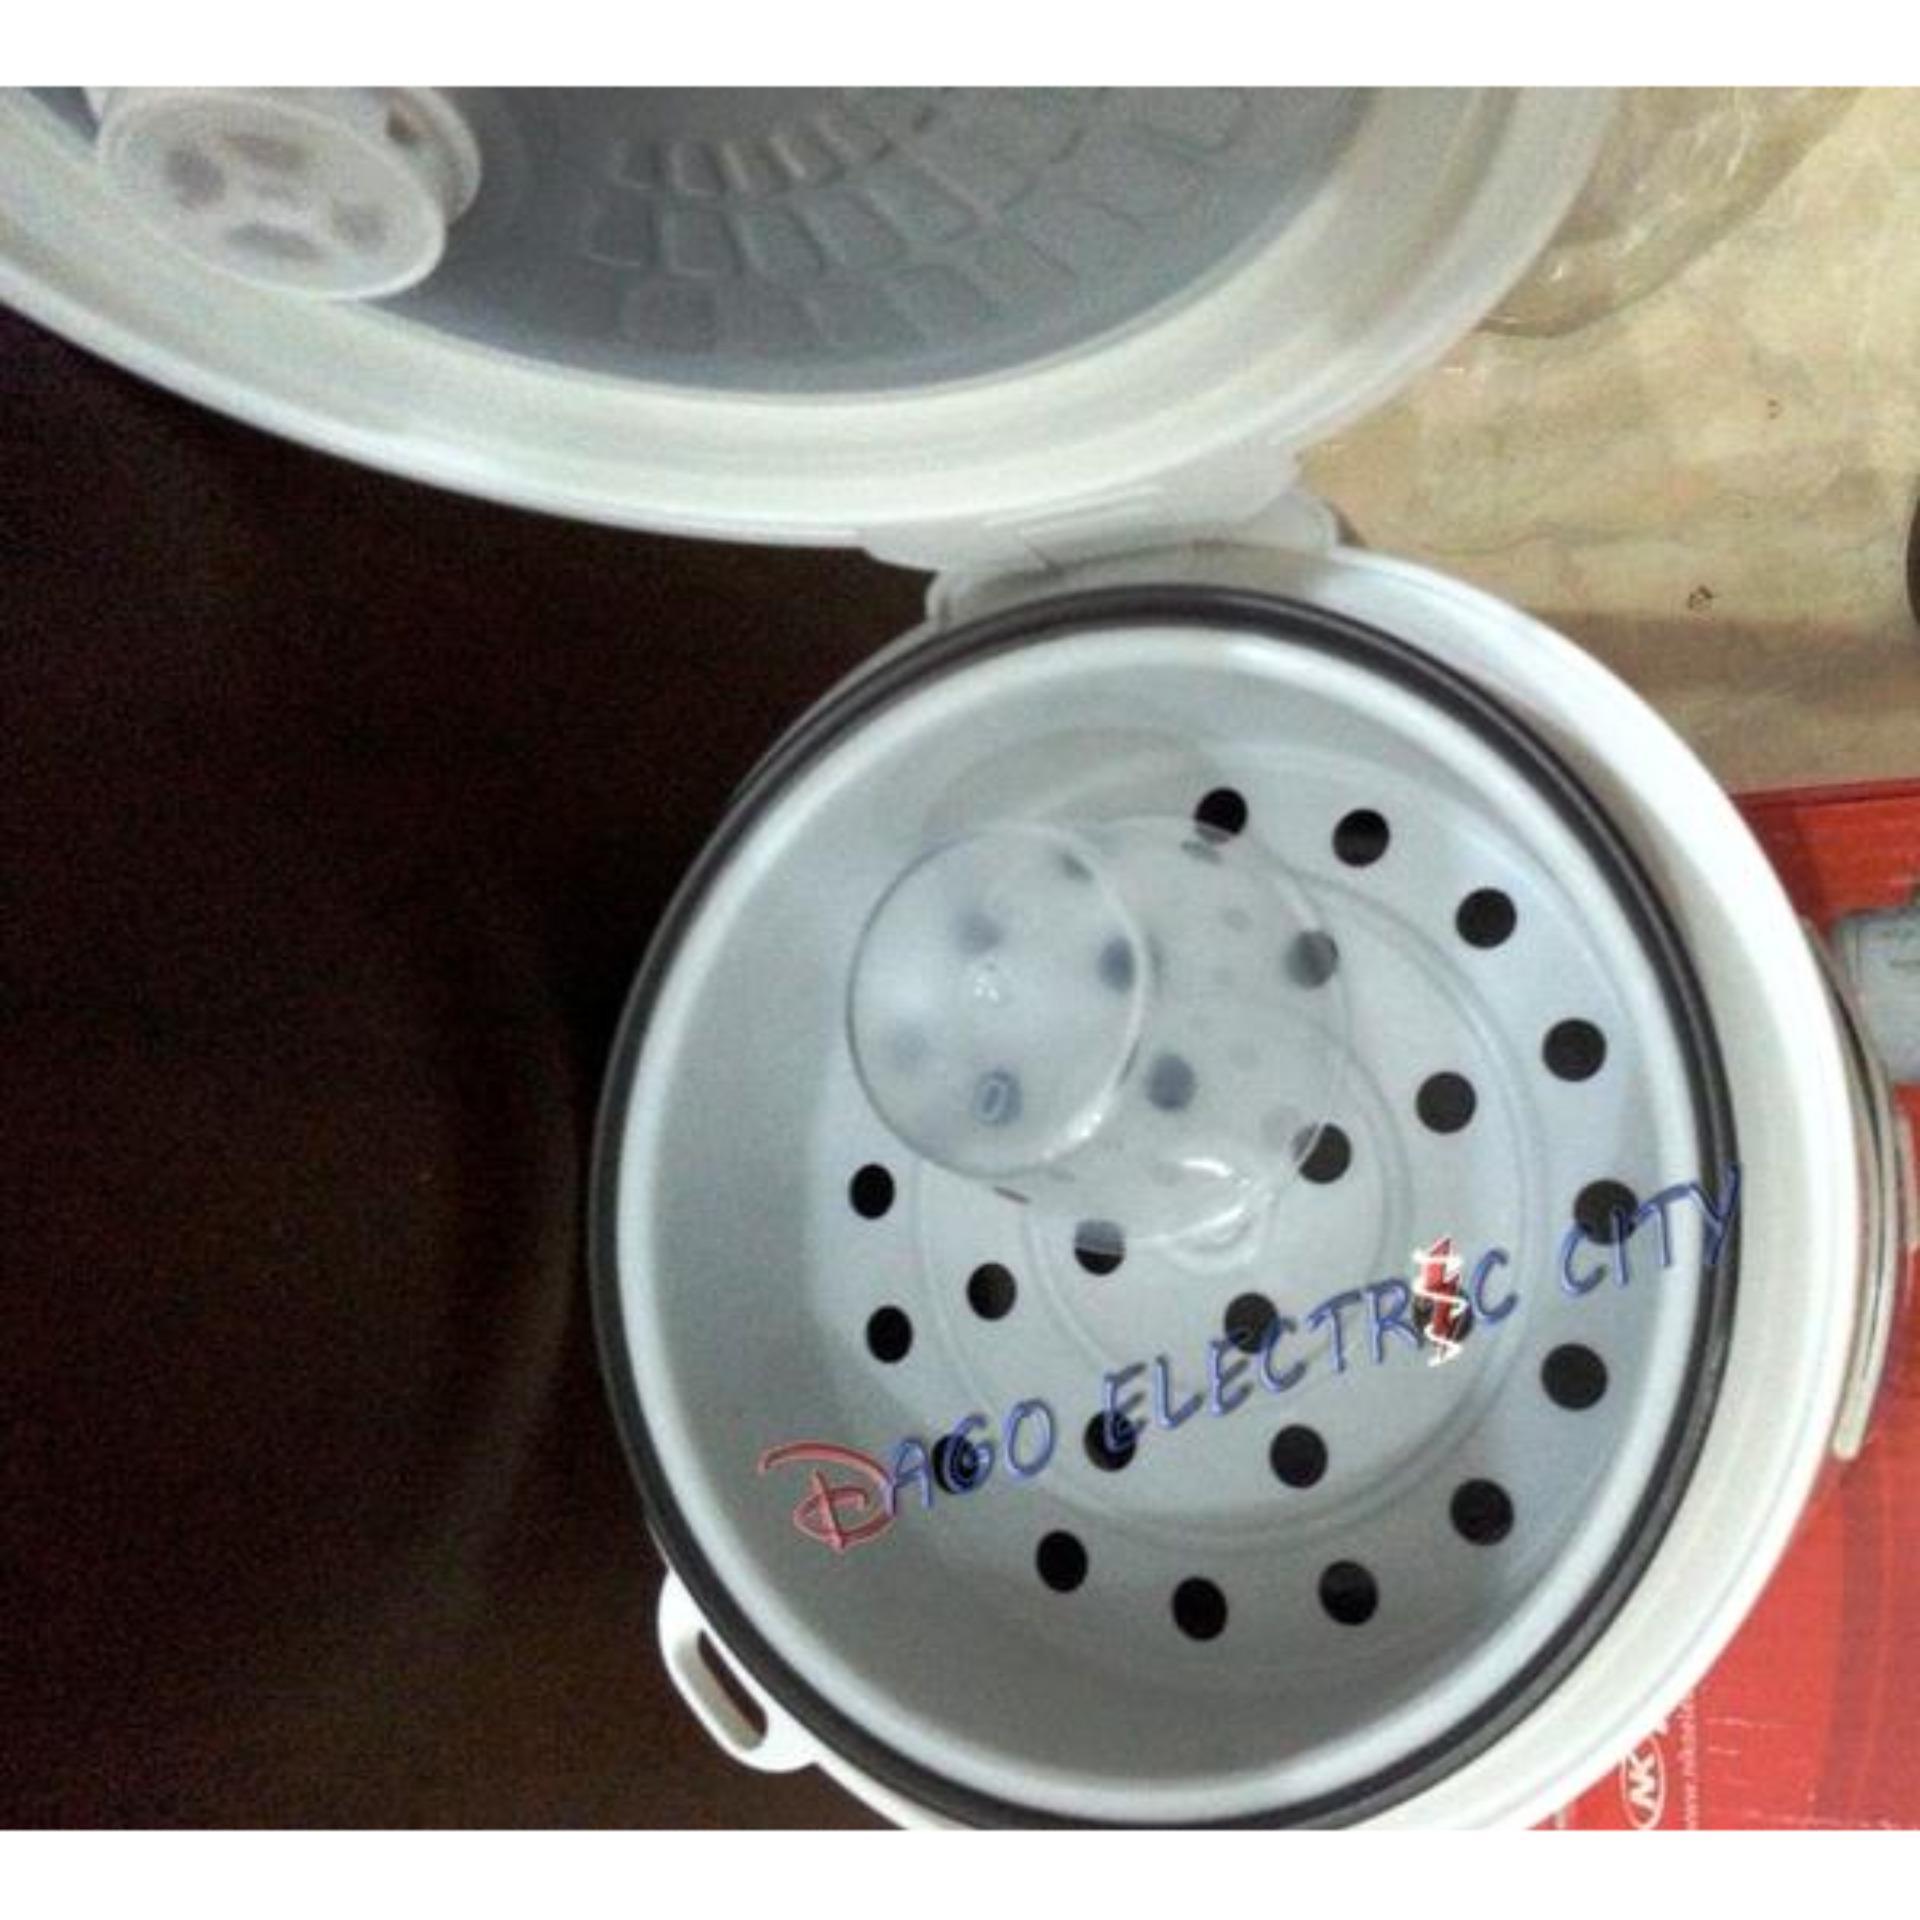 Niko Rice Cooker Ukuran 1 Liter Body Mungil Rc 12 Harga Cmos Magic Com 12l Crj10lj 3 In L